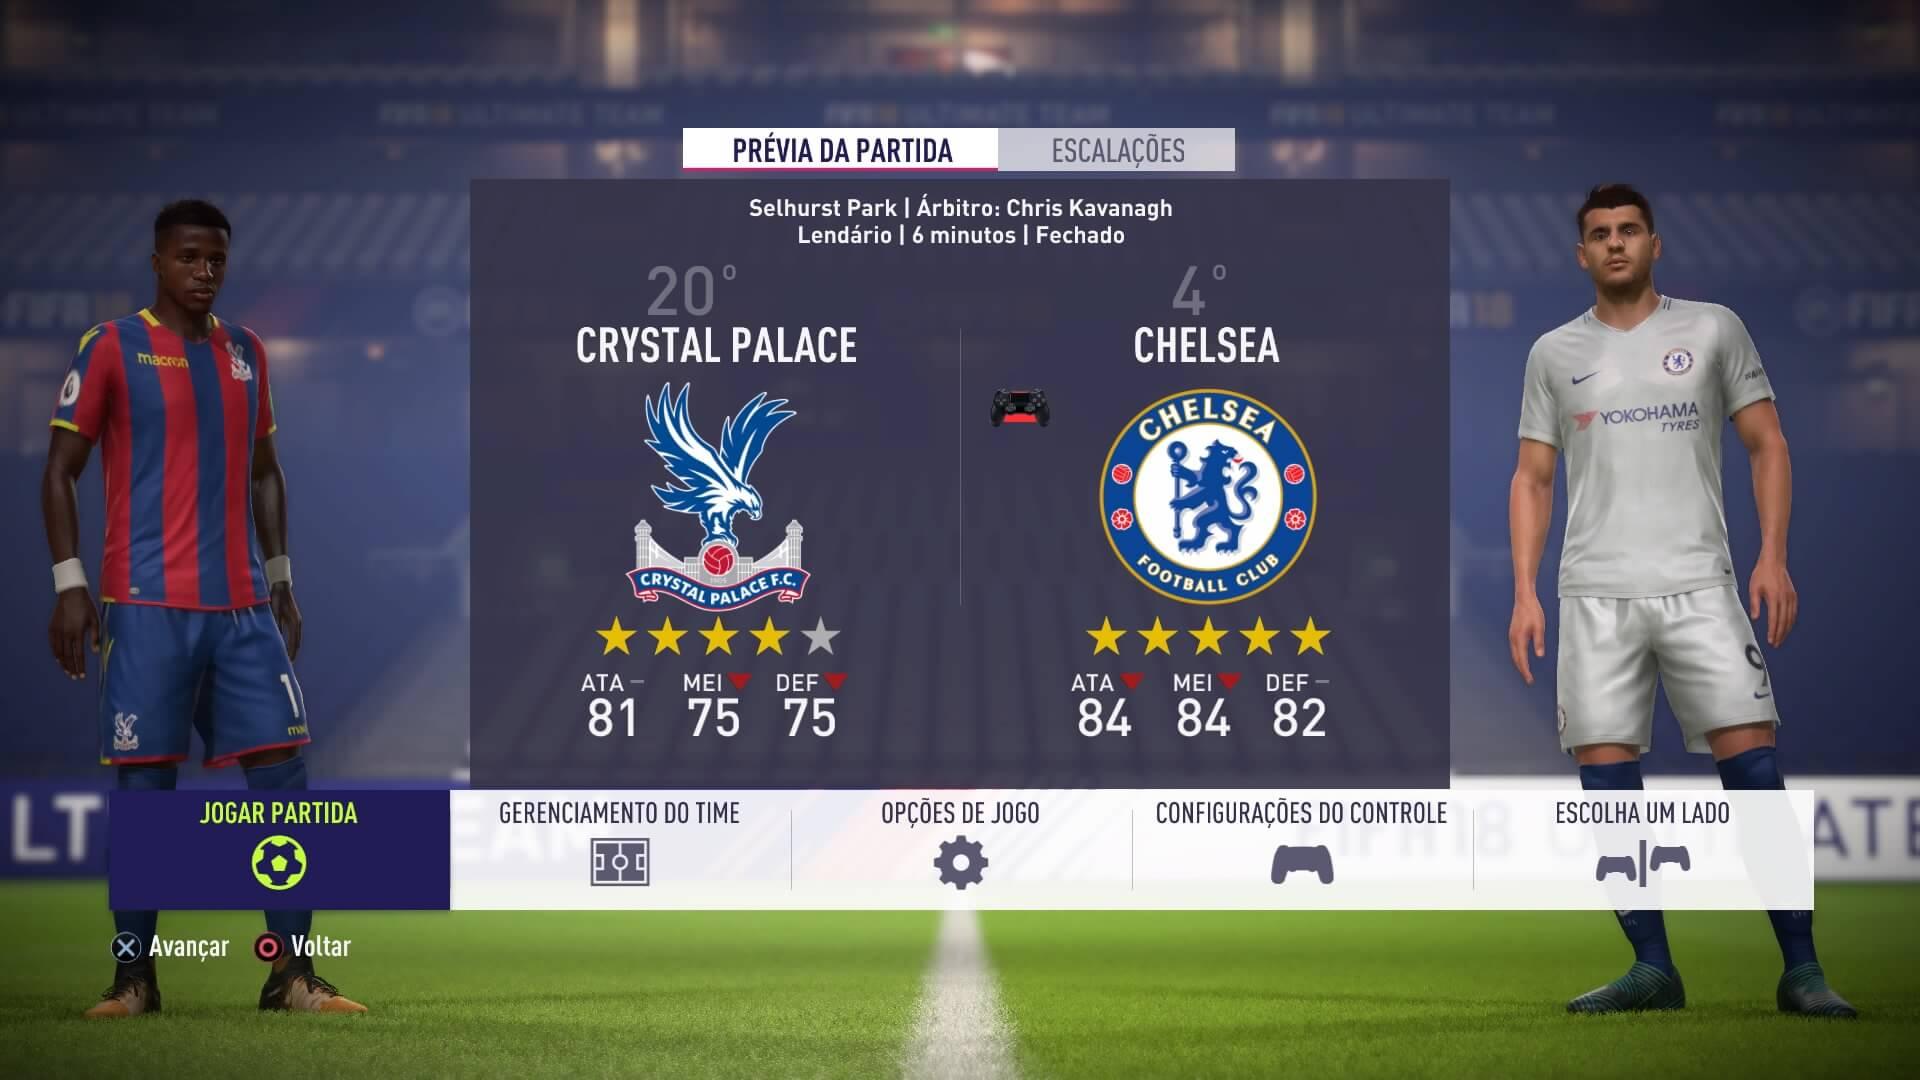 FIFA 18 Jogo Rápido (Nos menus)